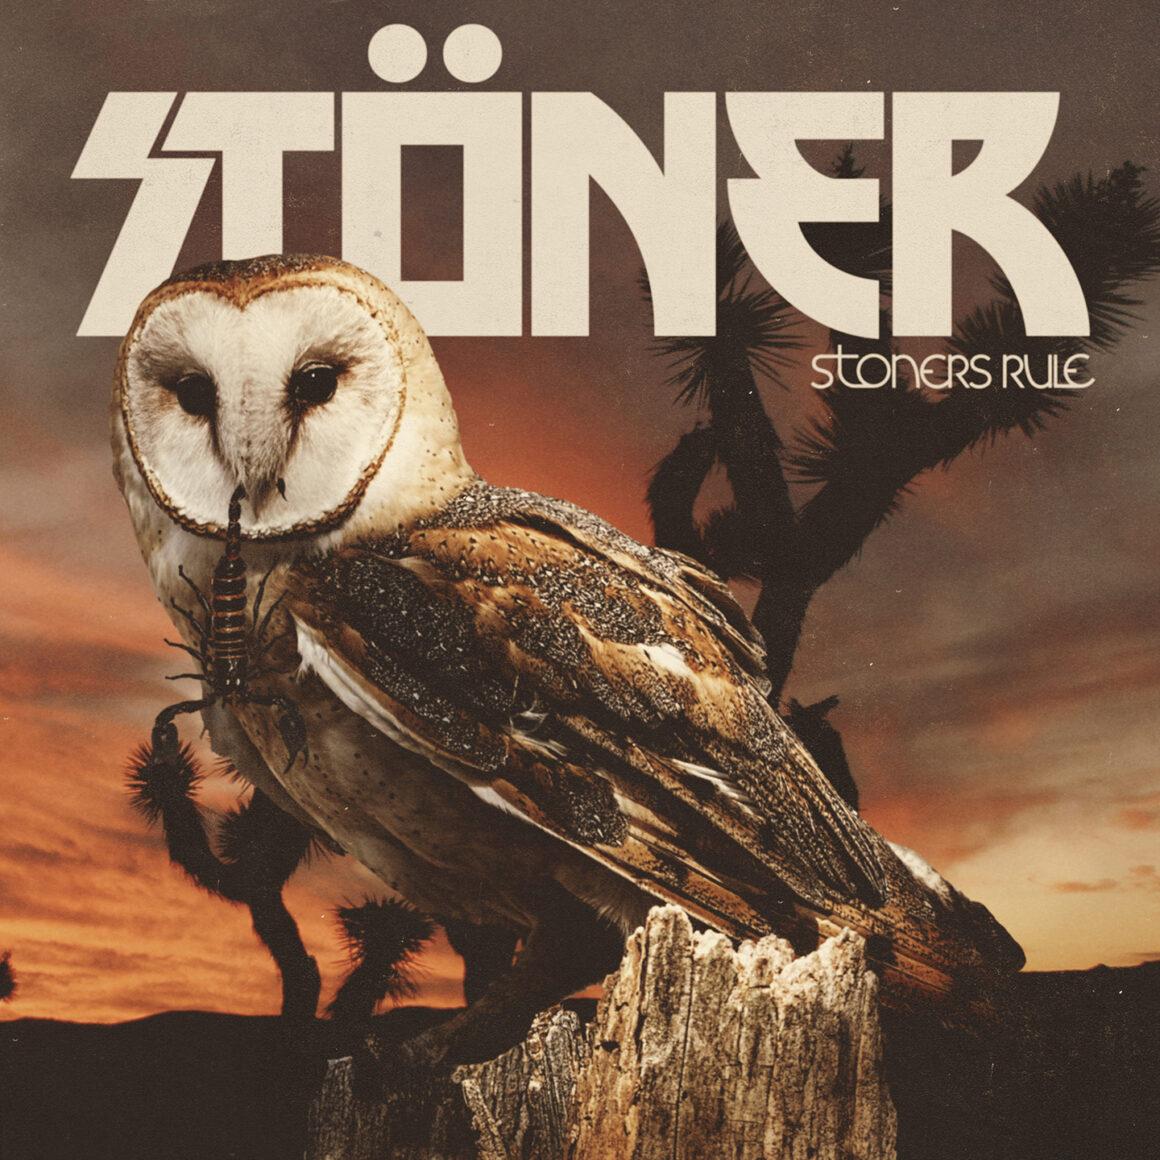 STONER, album cover